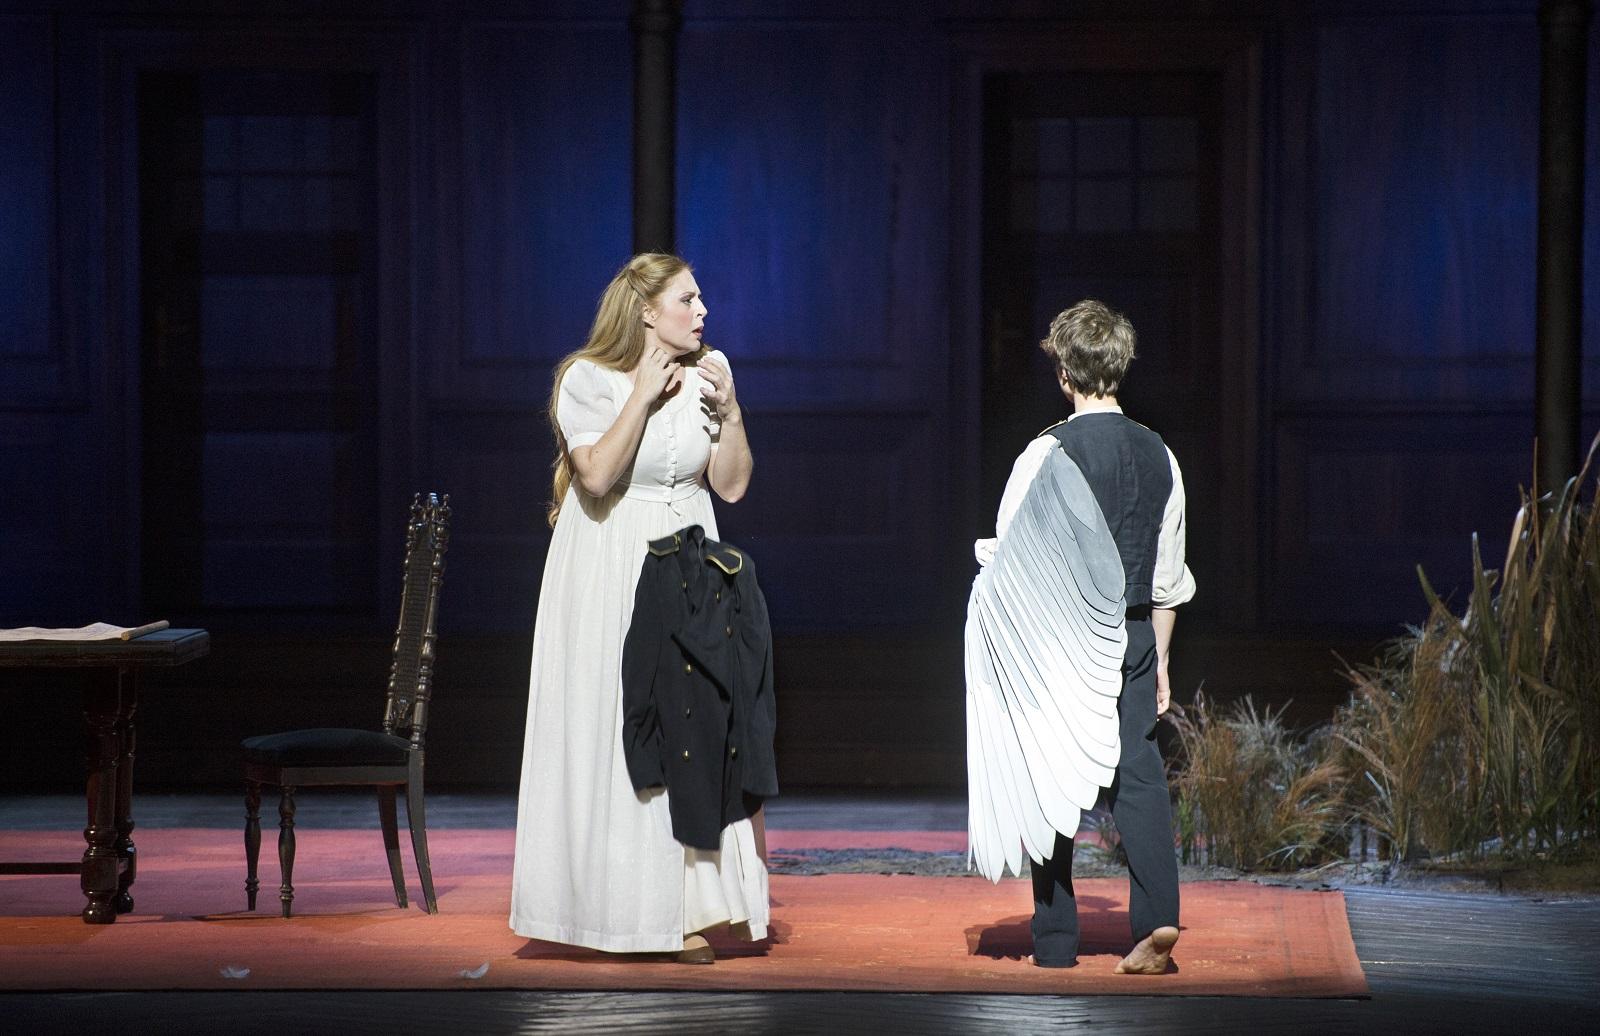 Martina Serafin (Elsa Von Brabant) et le double du cygne / (© Monika Rittershaus / Opéra national de Paris)